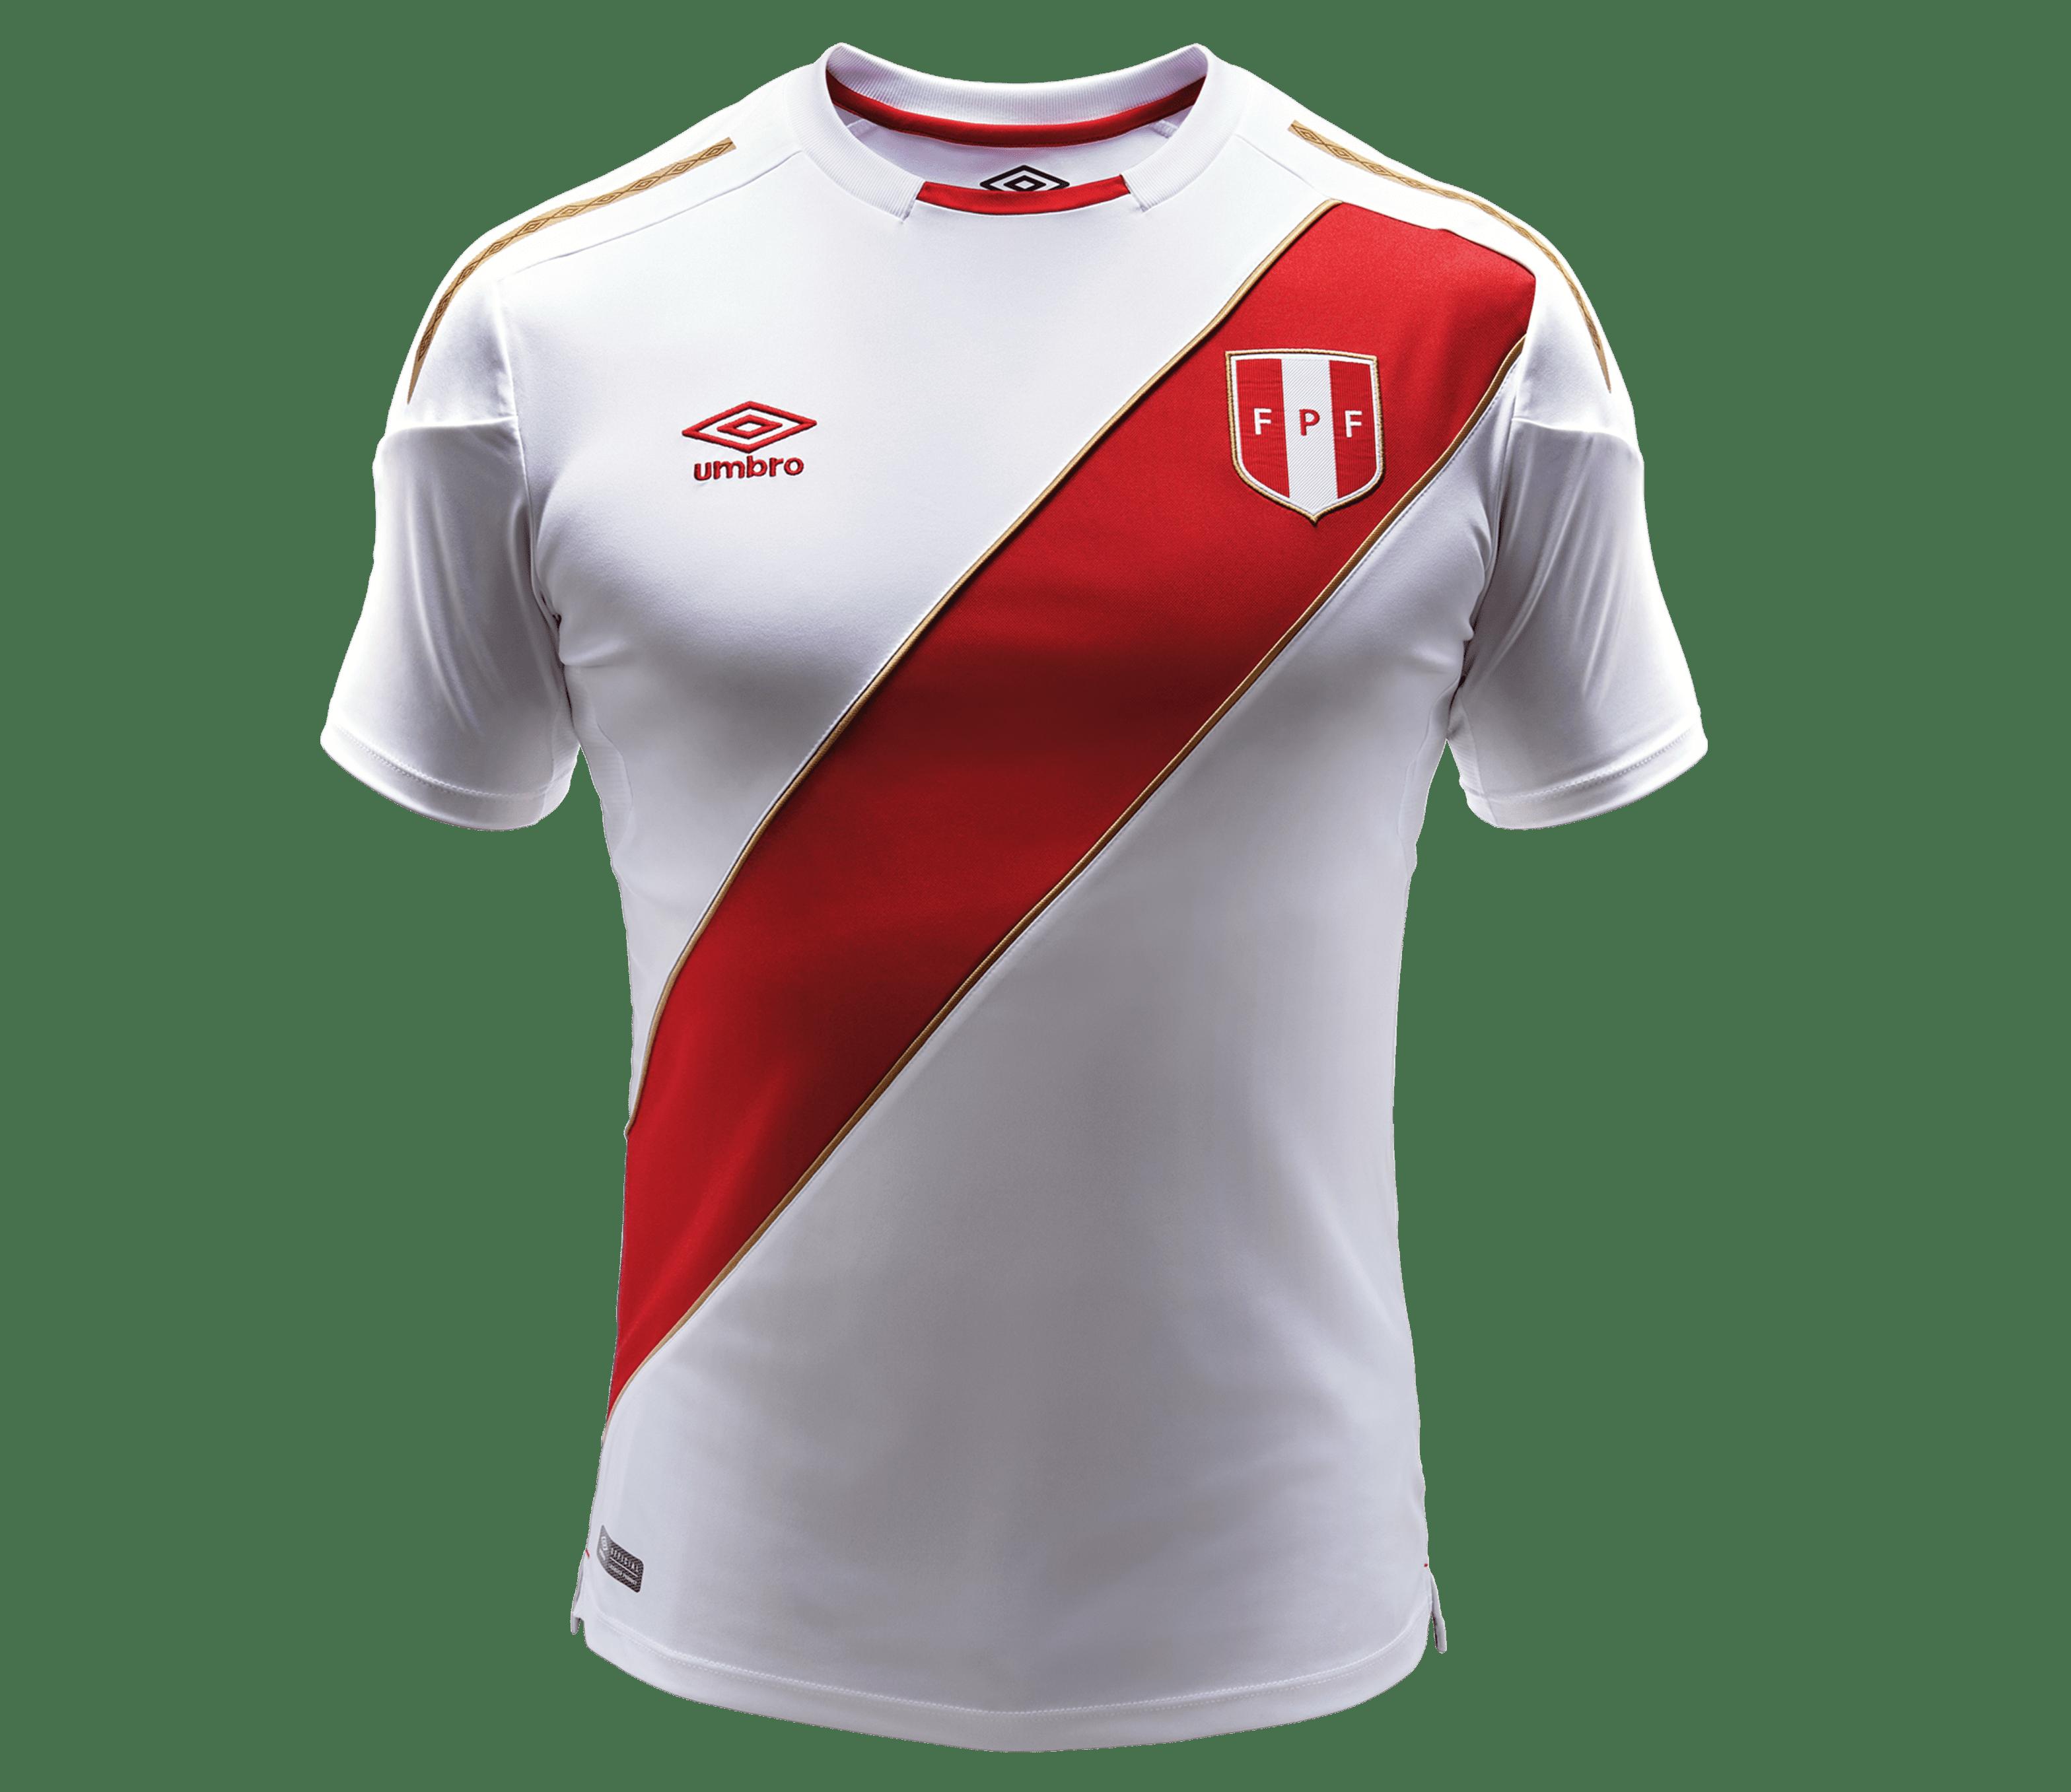 Camiseta selección peruana - Mundial Rusia 2018: Umbro espera vender 100 mil camisetas de selección peruana al cierre del 2017